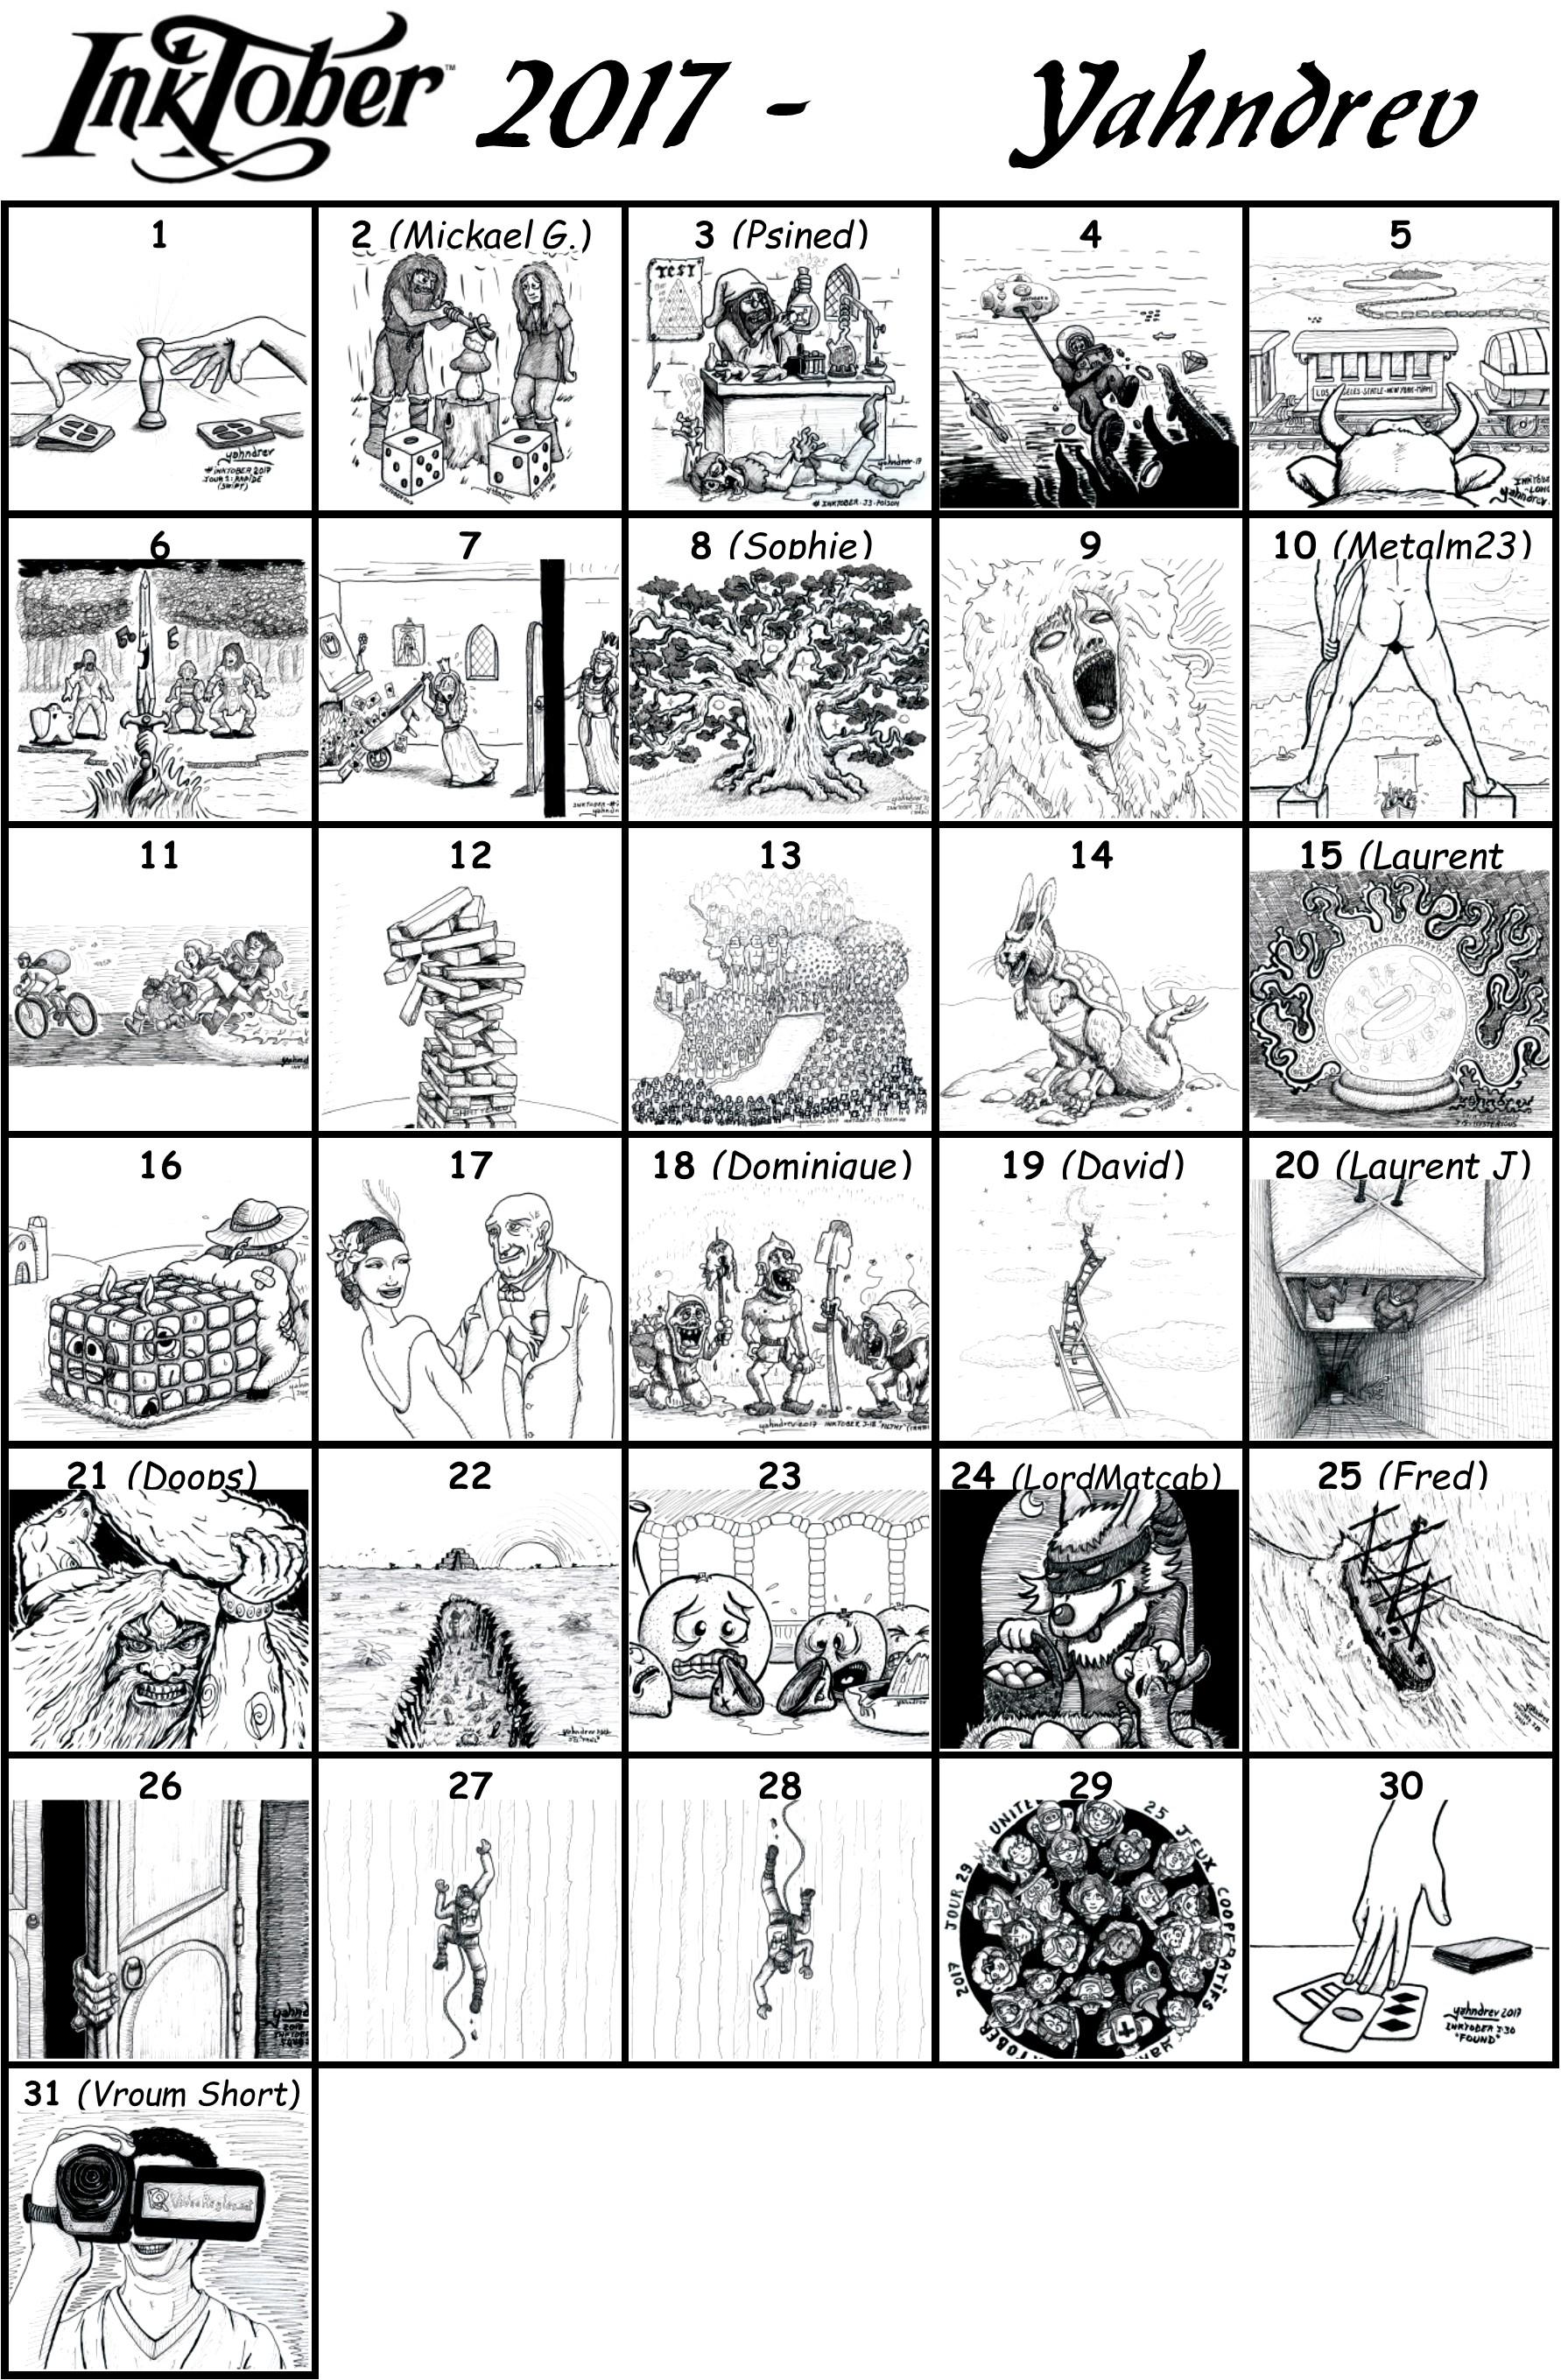 Retrospective des 31 dessins r\u00e9alis\u00e9s pour Inktober 2017